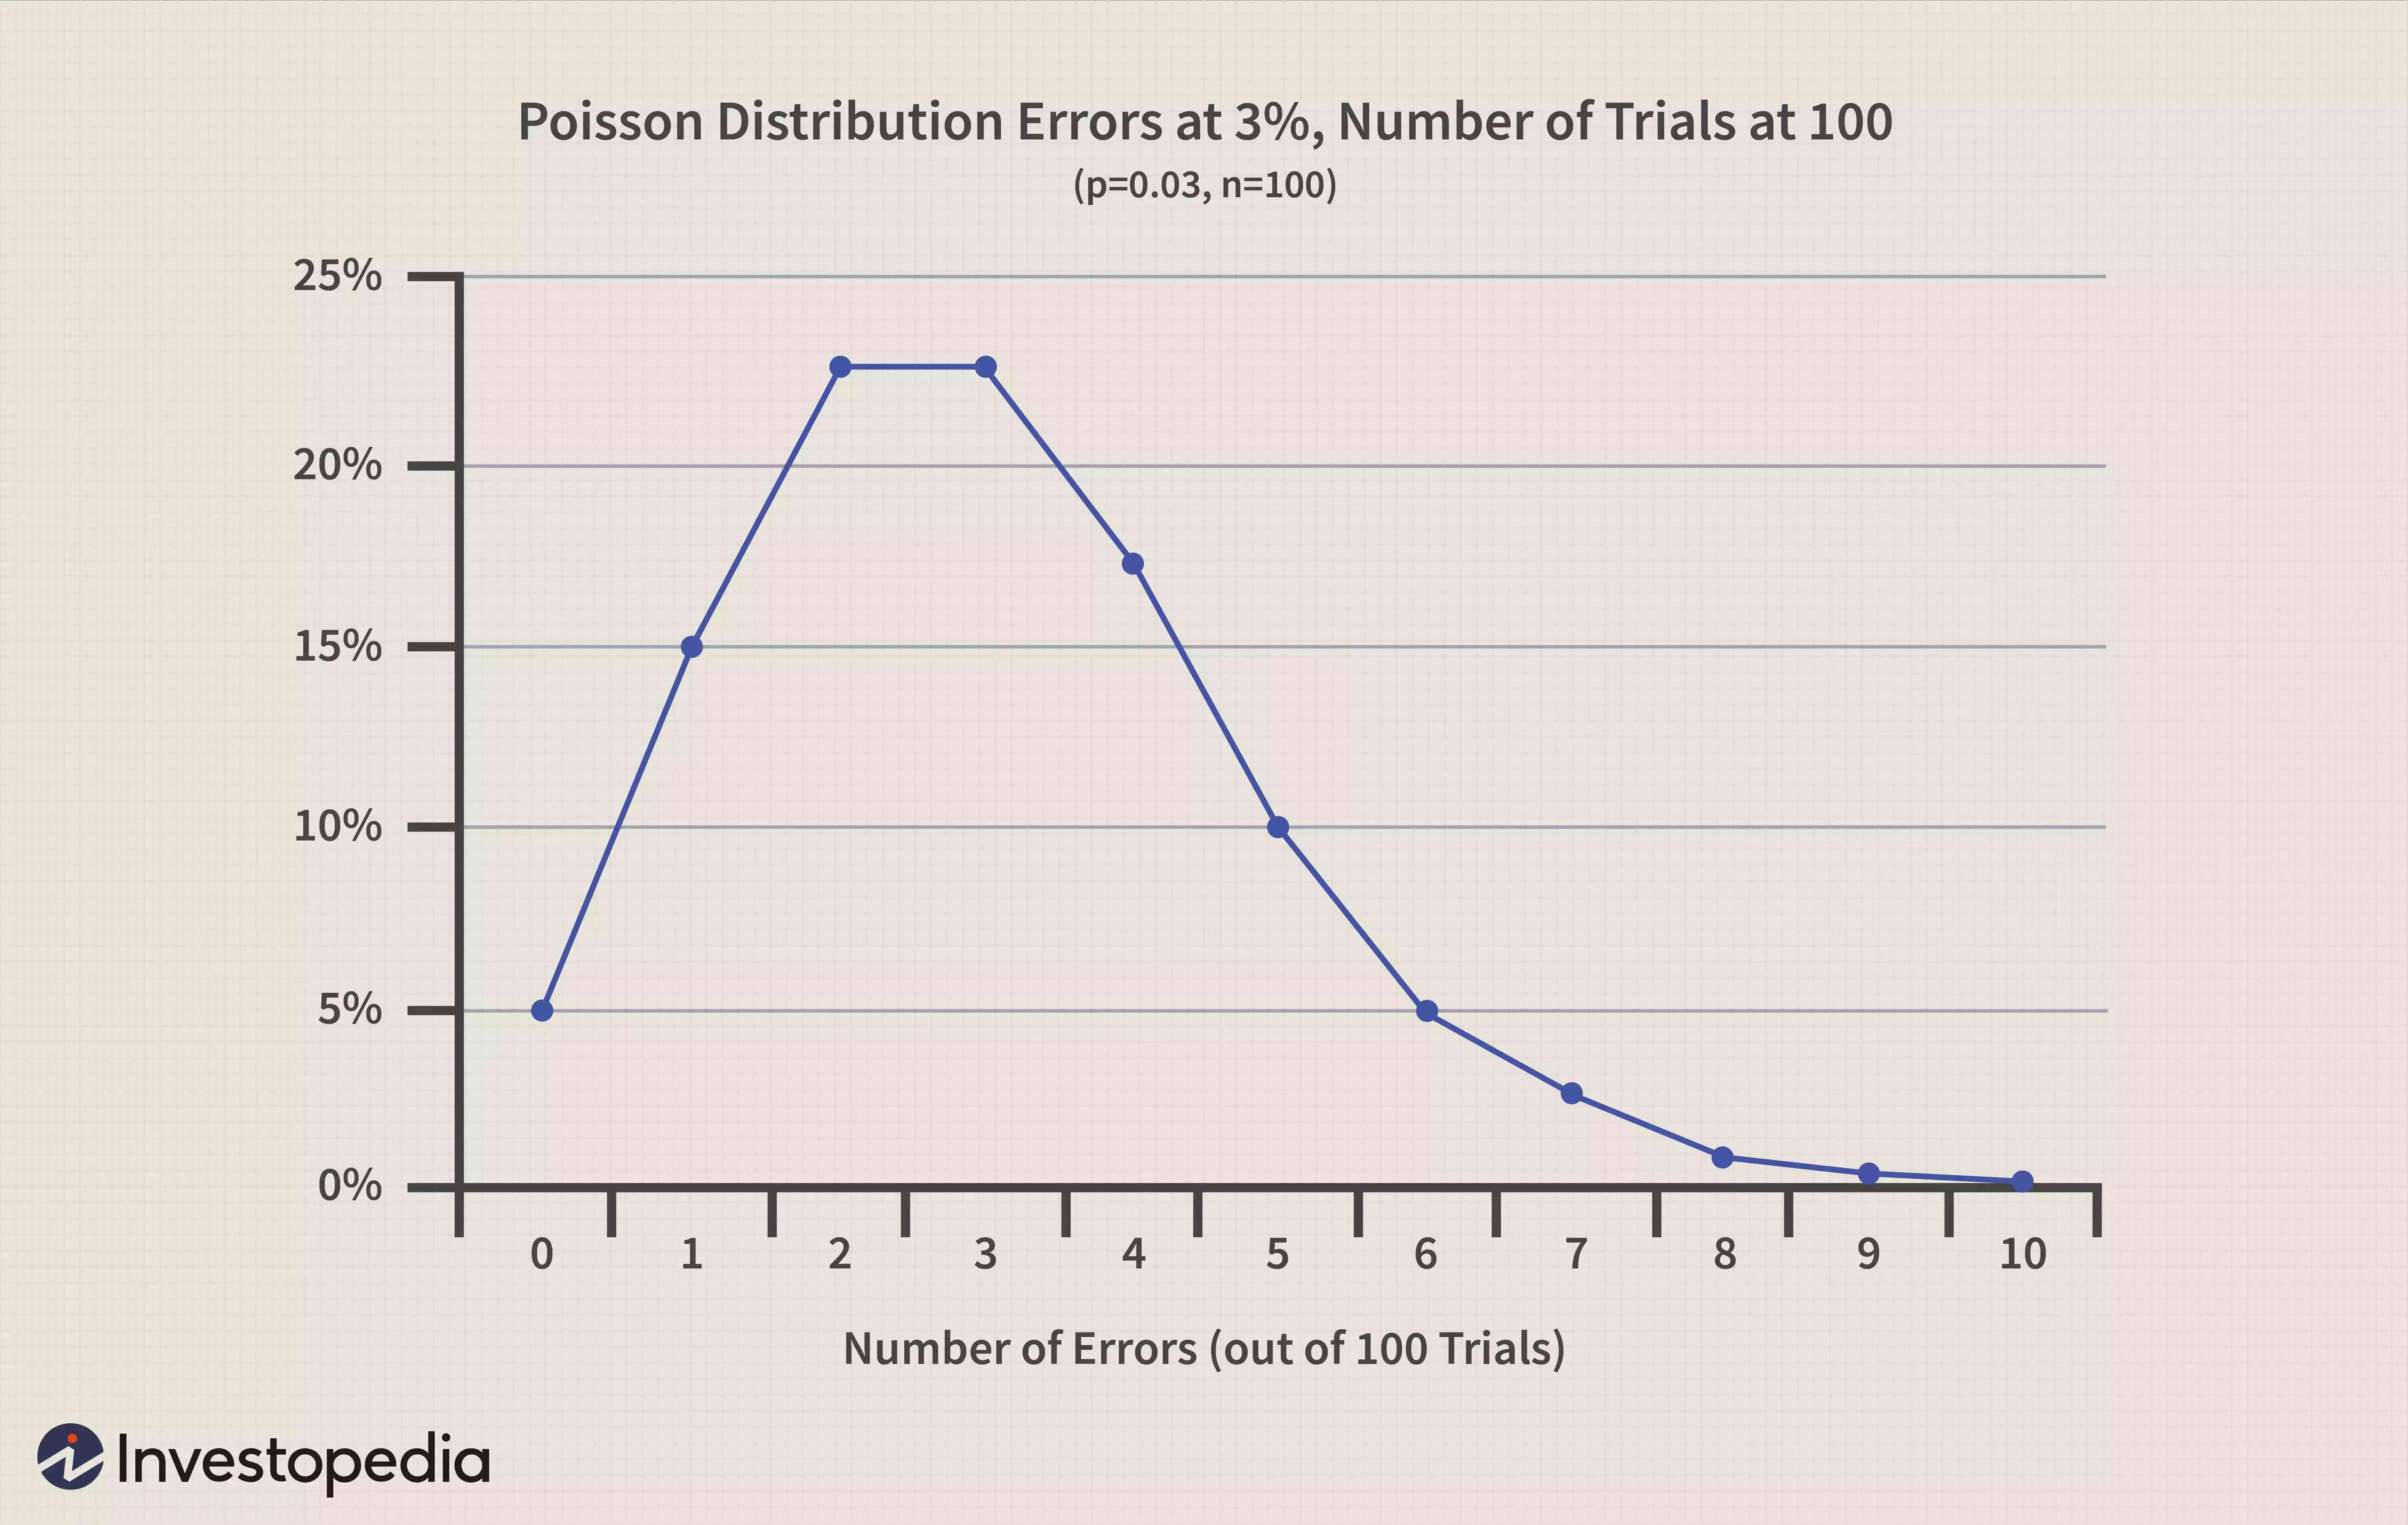 Poisson Distribution Example